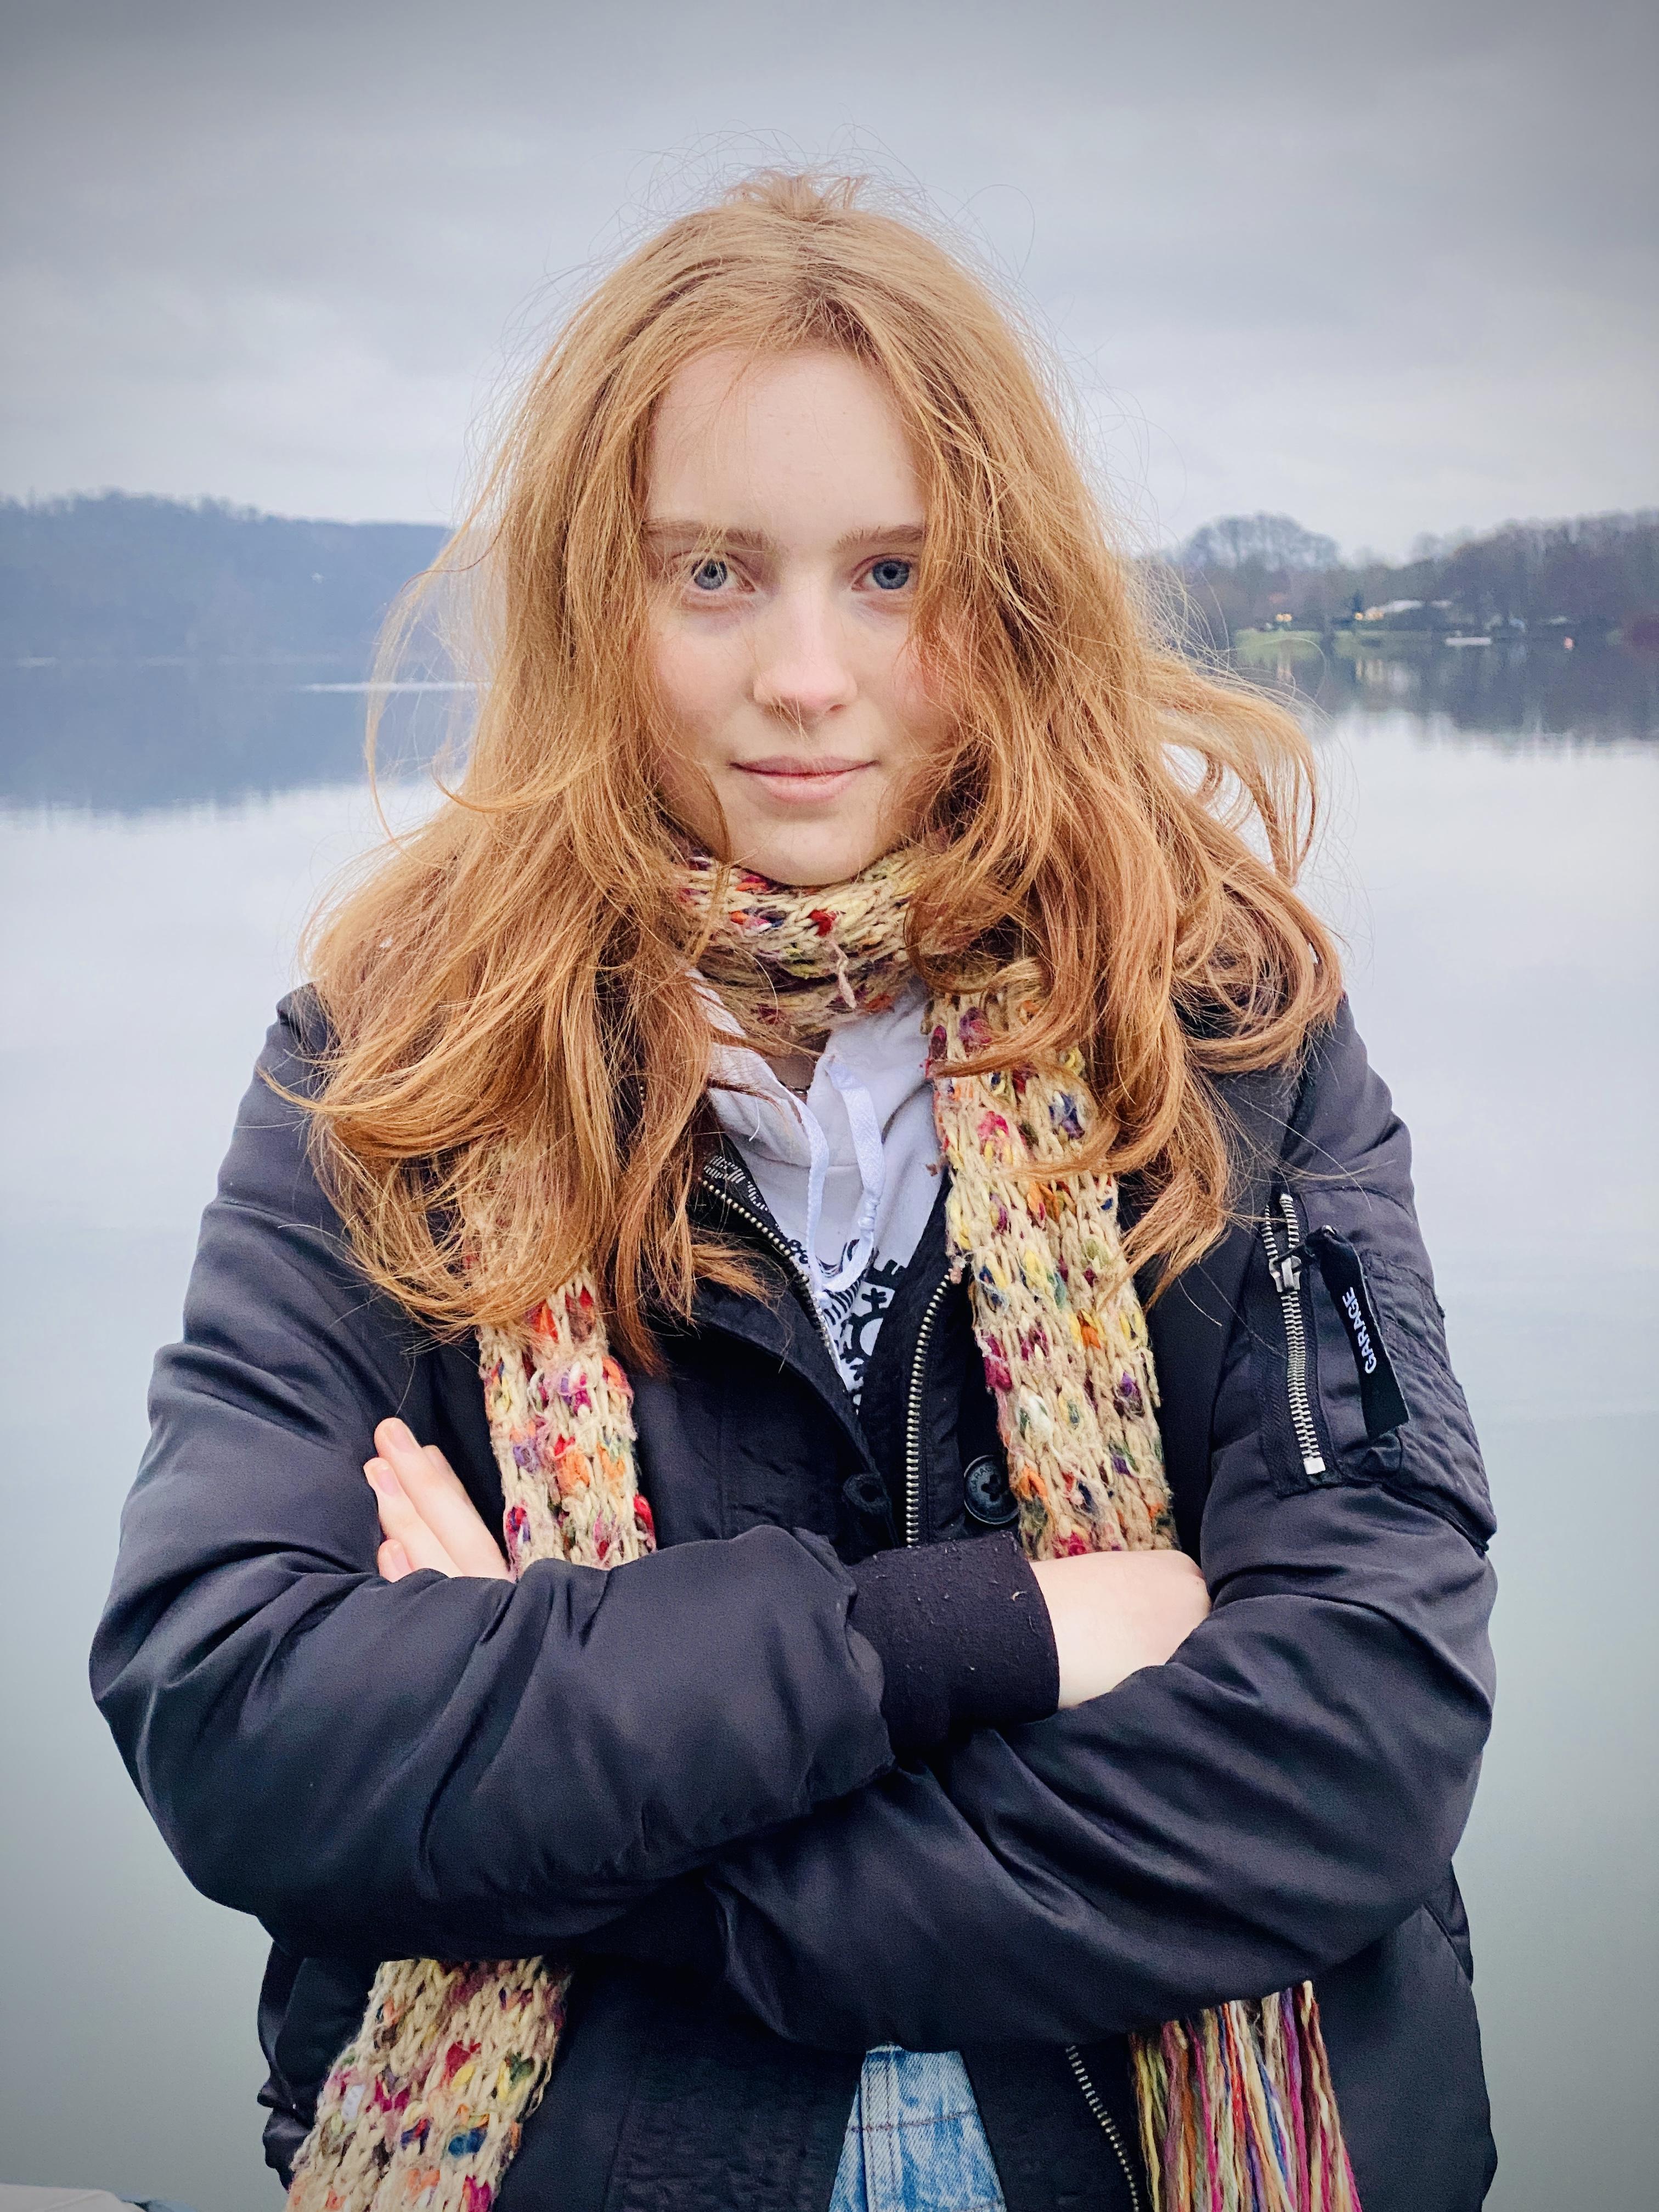 Mariele Diehl